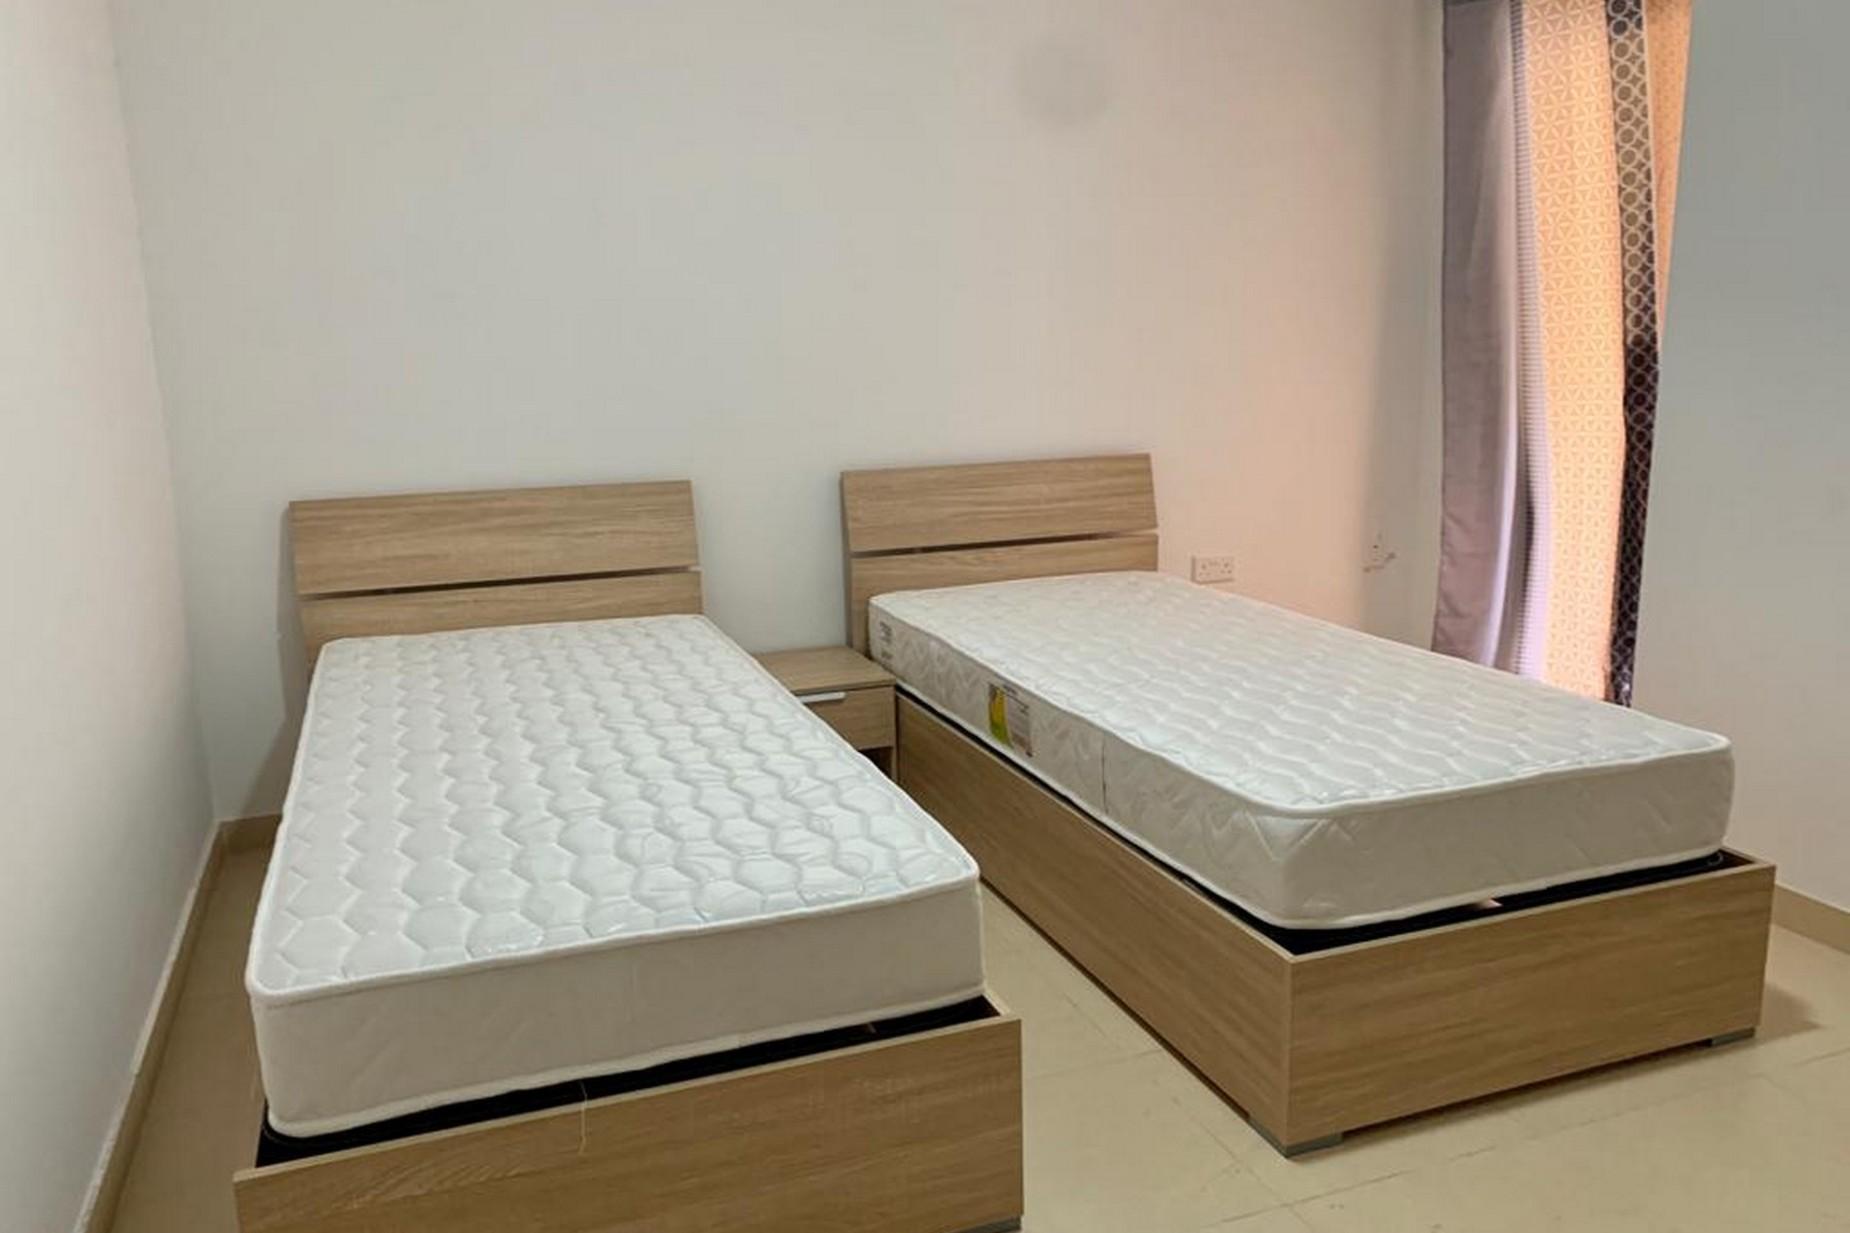 3 bed Apartment For Rent in Qormi, Qormi - thumb 6